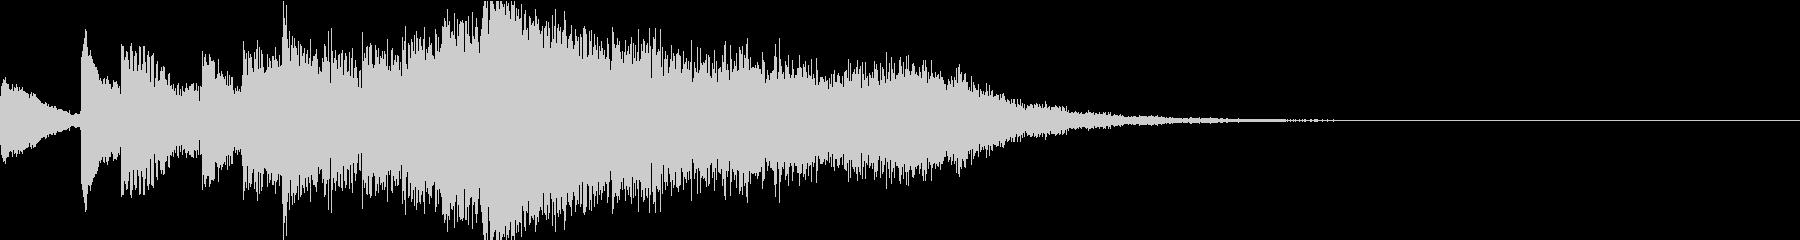 オーケストラ イントロ ジングル1の未再生の波形